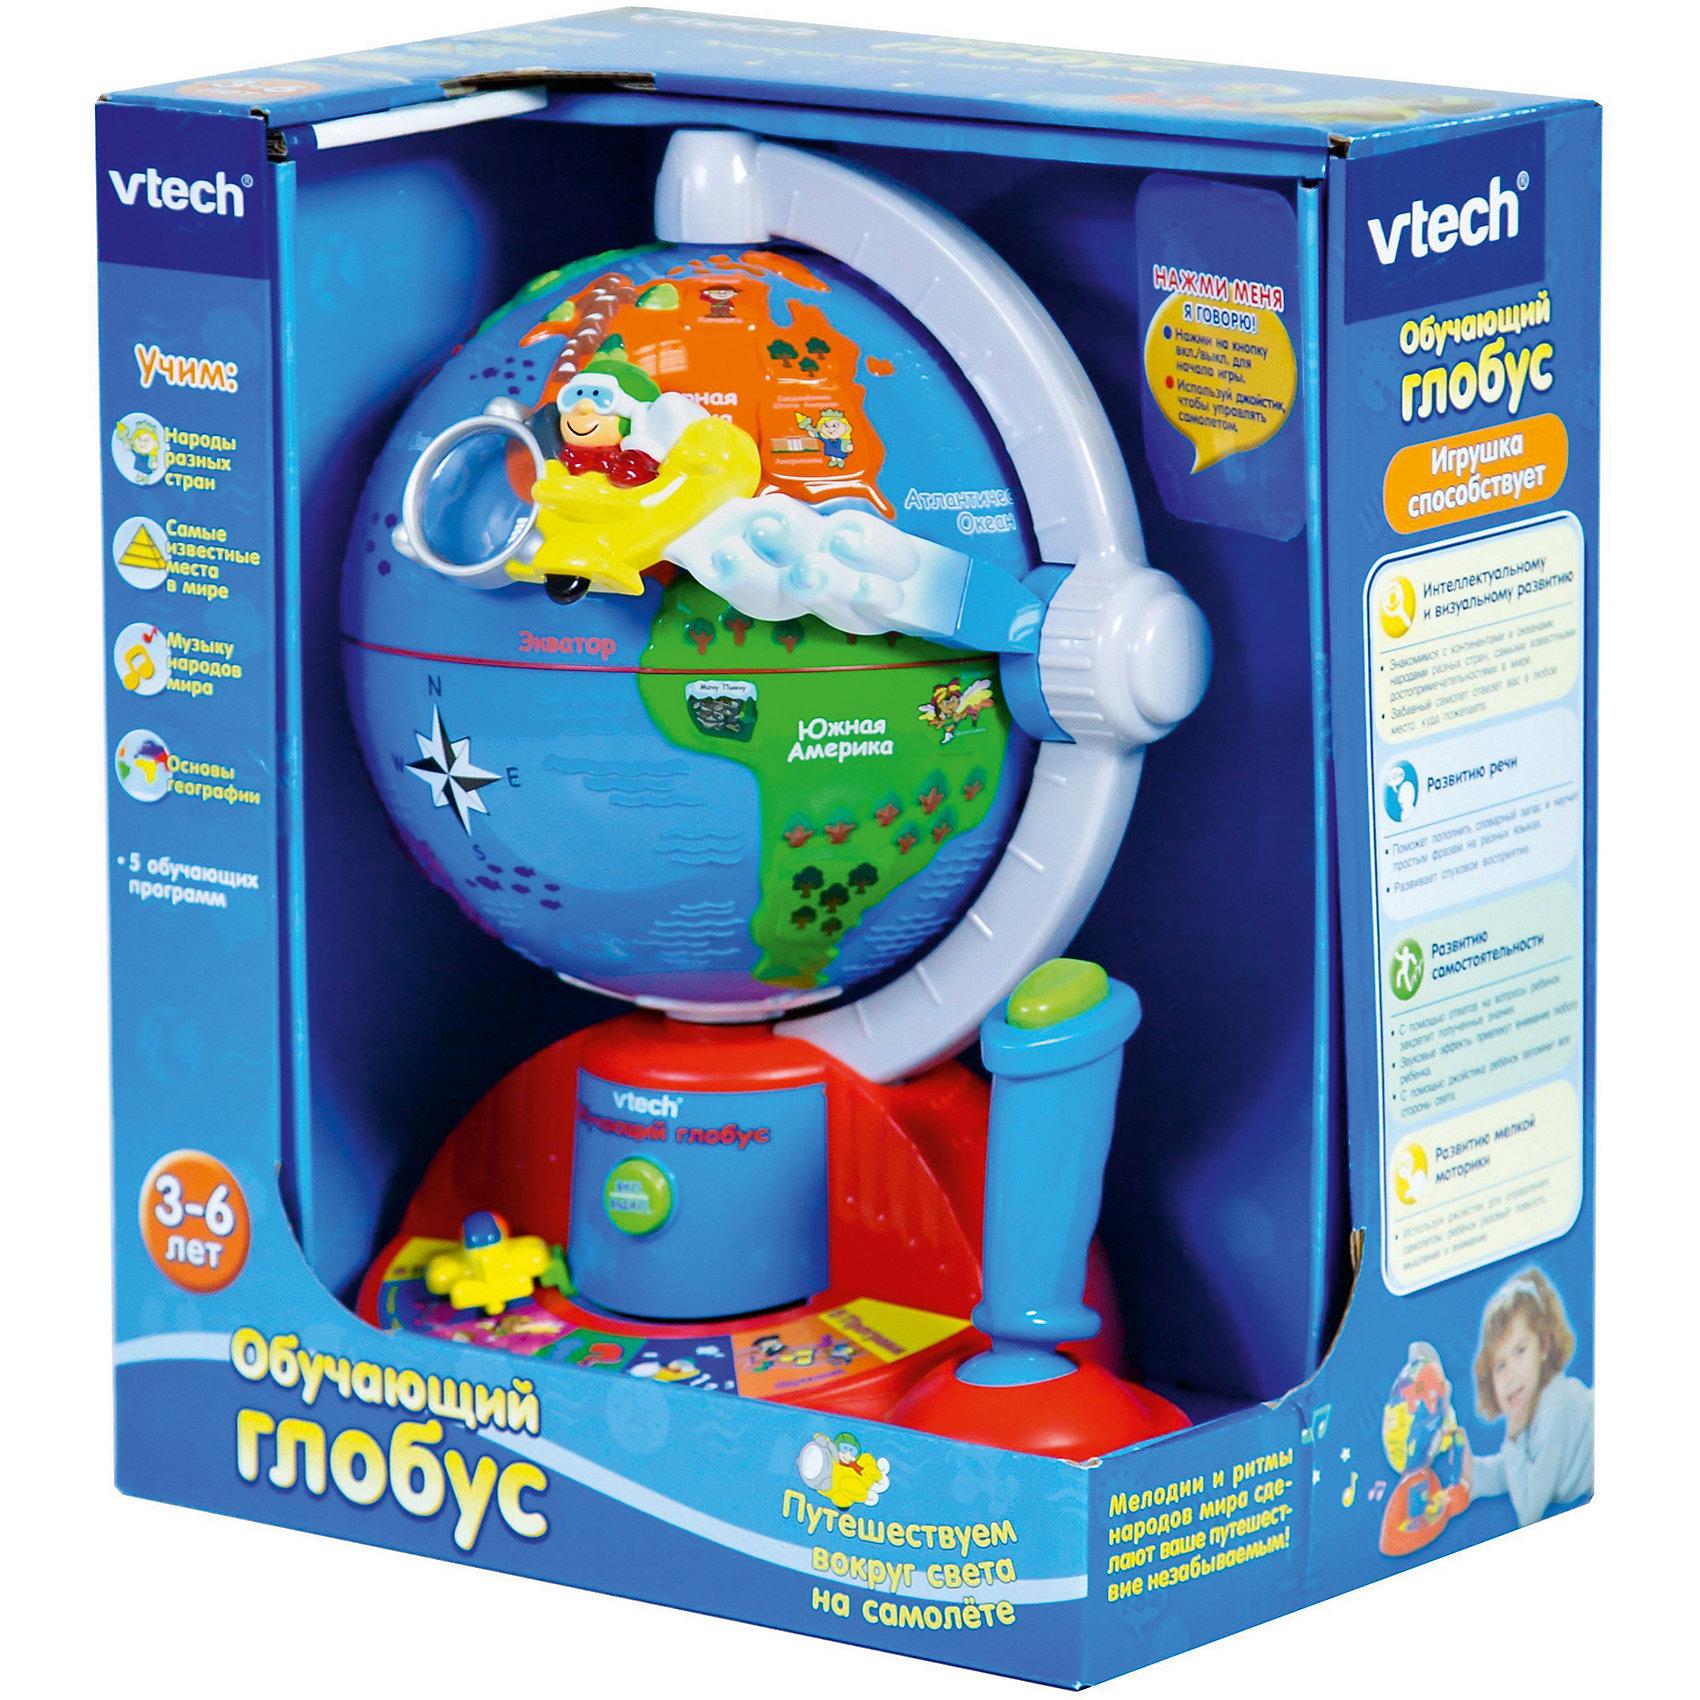 Развивающая игрушка Обучающий глобус, VtechИнтерактивные игрушки для малышей<br>Развивающая игрушка Обучающий глобус, Vtech (Втеч).<br><br>Характеристики:<br><br>• Для детей от 3 до 6 лет<br>• Диаметр глобуса: 18,5 см.<br>• Материал: пластик<br>• Обучение: самые известные места, народы мира, музыка народов мира, основы географии<br>• Батарейки: 4 типа АА (в комплекте демонстрационные)<br>• Упаковка: красочная подарочная коробка<br>• Размер упаковки: 28x33x20 см.<br><br>Обучающий глобус от французской компании Vtech – великолепная образовательная игрушка для детей, с которой малыши смогут совершить увлекательное путешествие вокруг света на самолете и узнать много нового! С помощью игрушки Обучающий глобус дети смогут посетить самые известные достопримечательности нашей планеты, познакомится с народами разных стран и услышать национальную музыку. <br><br>Вращающийся глобус расположен на подставке с джойстиком для управления самолетом. Выбрав одну из 5 обучающий программ, можно отправляться в захватывающее и увлекательное путешествие! Самолетик может двигаться во всех направлениях: Север-Юг, Запад-Восток. Специальный детектор и лупа, расположенные на самолете, помогут ребенку лучше узнать мир. Люди разных стран мира смогут научить малыша основам своего национального языка, а веселые мелодии и звуки сделают путешествие еще интереснее! <br><br>Игрушка станет великолепной основой для обучения дошкольников, с помощью нее малыши смогут расширить кругозор. Режим вопросов позволит закрепить знания. Предусмотрена функция энергосбережения батарейки. Игрушка изготовлена из прочного безопасного не бьющегося пластика. Продается в красочной коробке и идеально подходит в качестве подарка.<br><br>Развивающую игрушку Обучающий глобус, Vtech (Втеч) можно купить в нашем интернет-магазине.<br><br>Ширина мм: 200<br>Глубина мм: 280<br>Высота мм: 330<br>Вес г: 1750<br>Возраст от месяцев: 12<br>Возраст до месяцев: 60<br>Пол: Унисекс<br>Возраст: Детский<br>SKU: 2149229